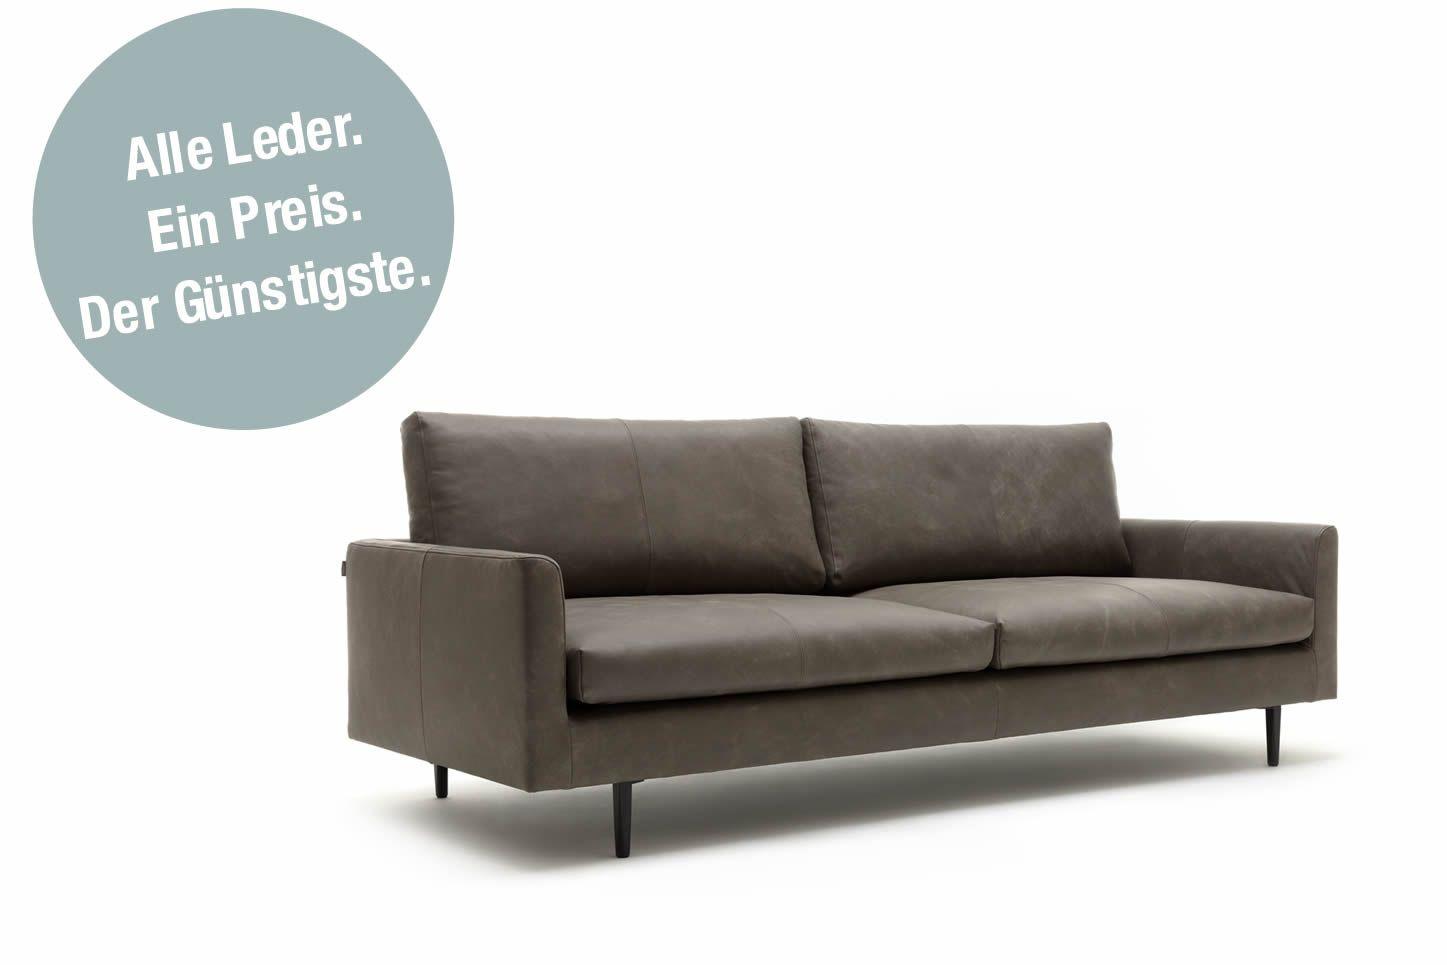 Lounge Sessel Von Rolf Benz Sofas Von Rolf Benz Elegant Sofa By